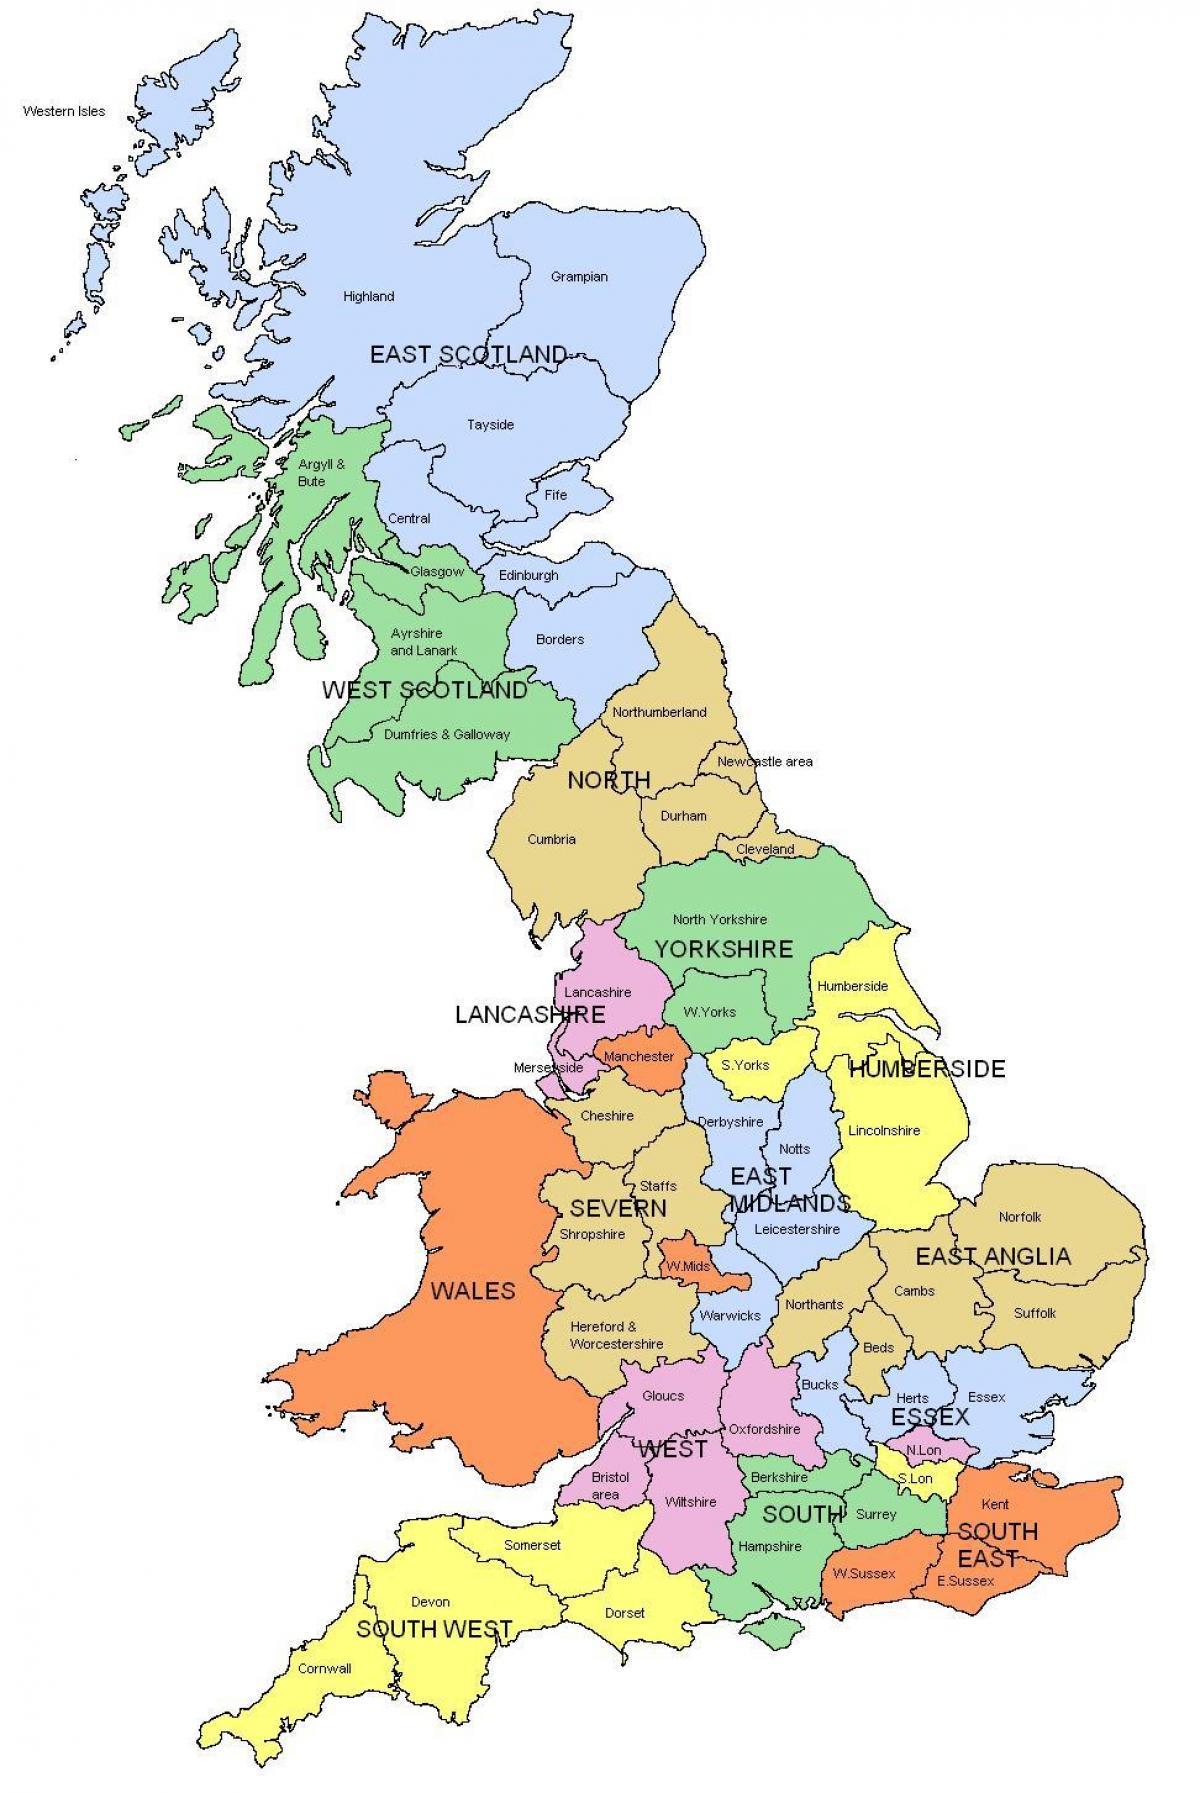 Cartina Gran Bretagna Regioni.Mappa Del Regno Unito Contee Regioni Uk Mappa Regioni E Contee Europa Del Nord Europa